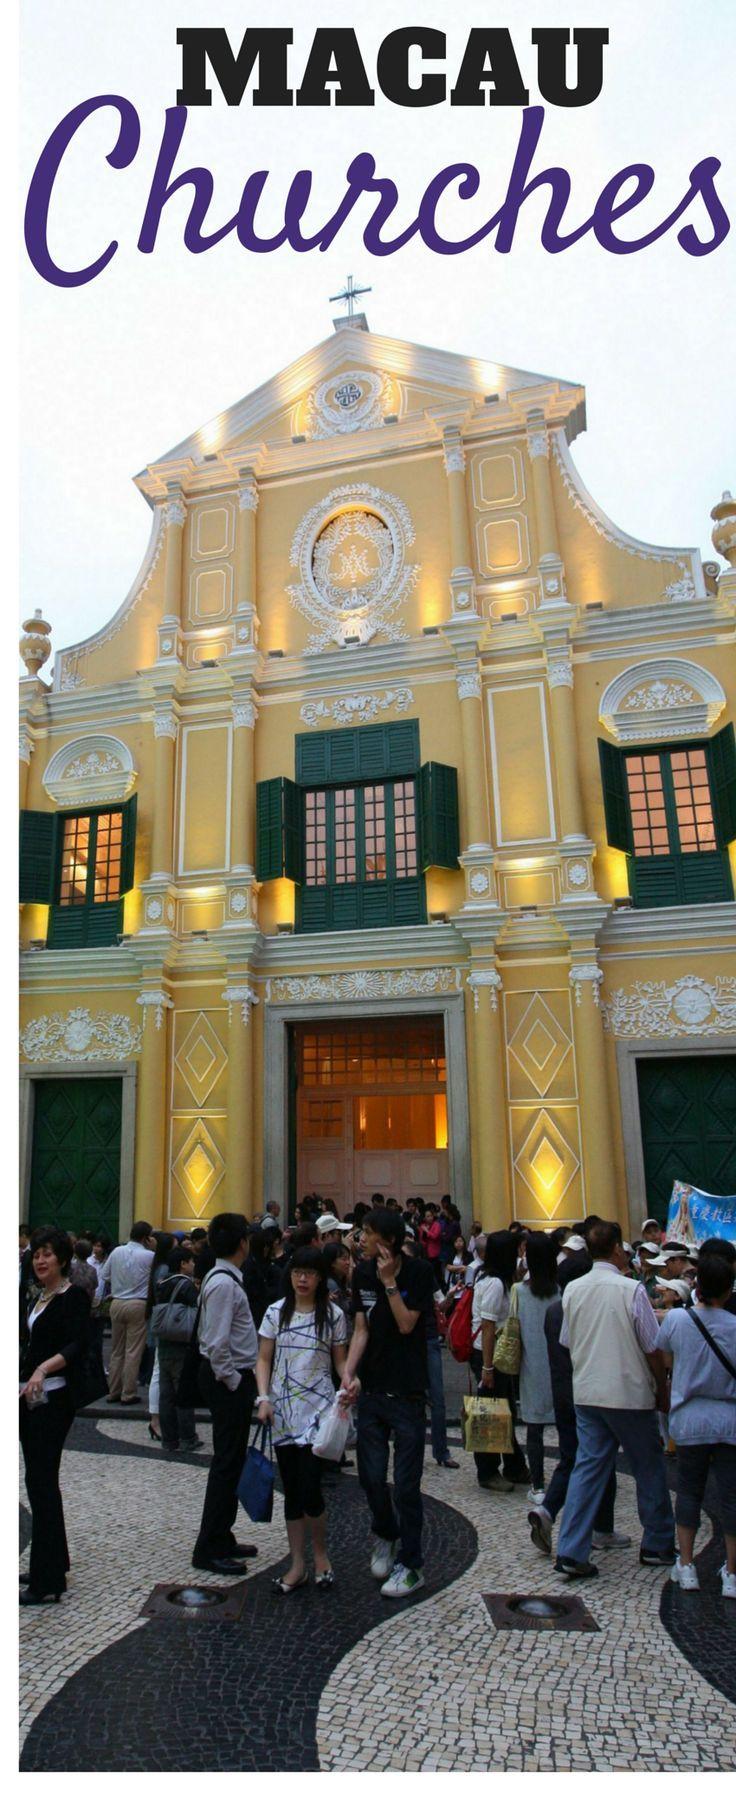 St. Dominic's Church in Macau.